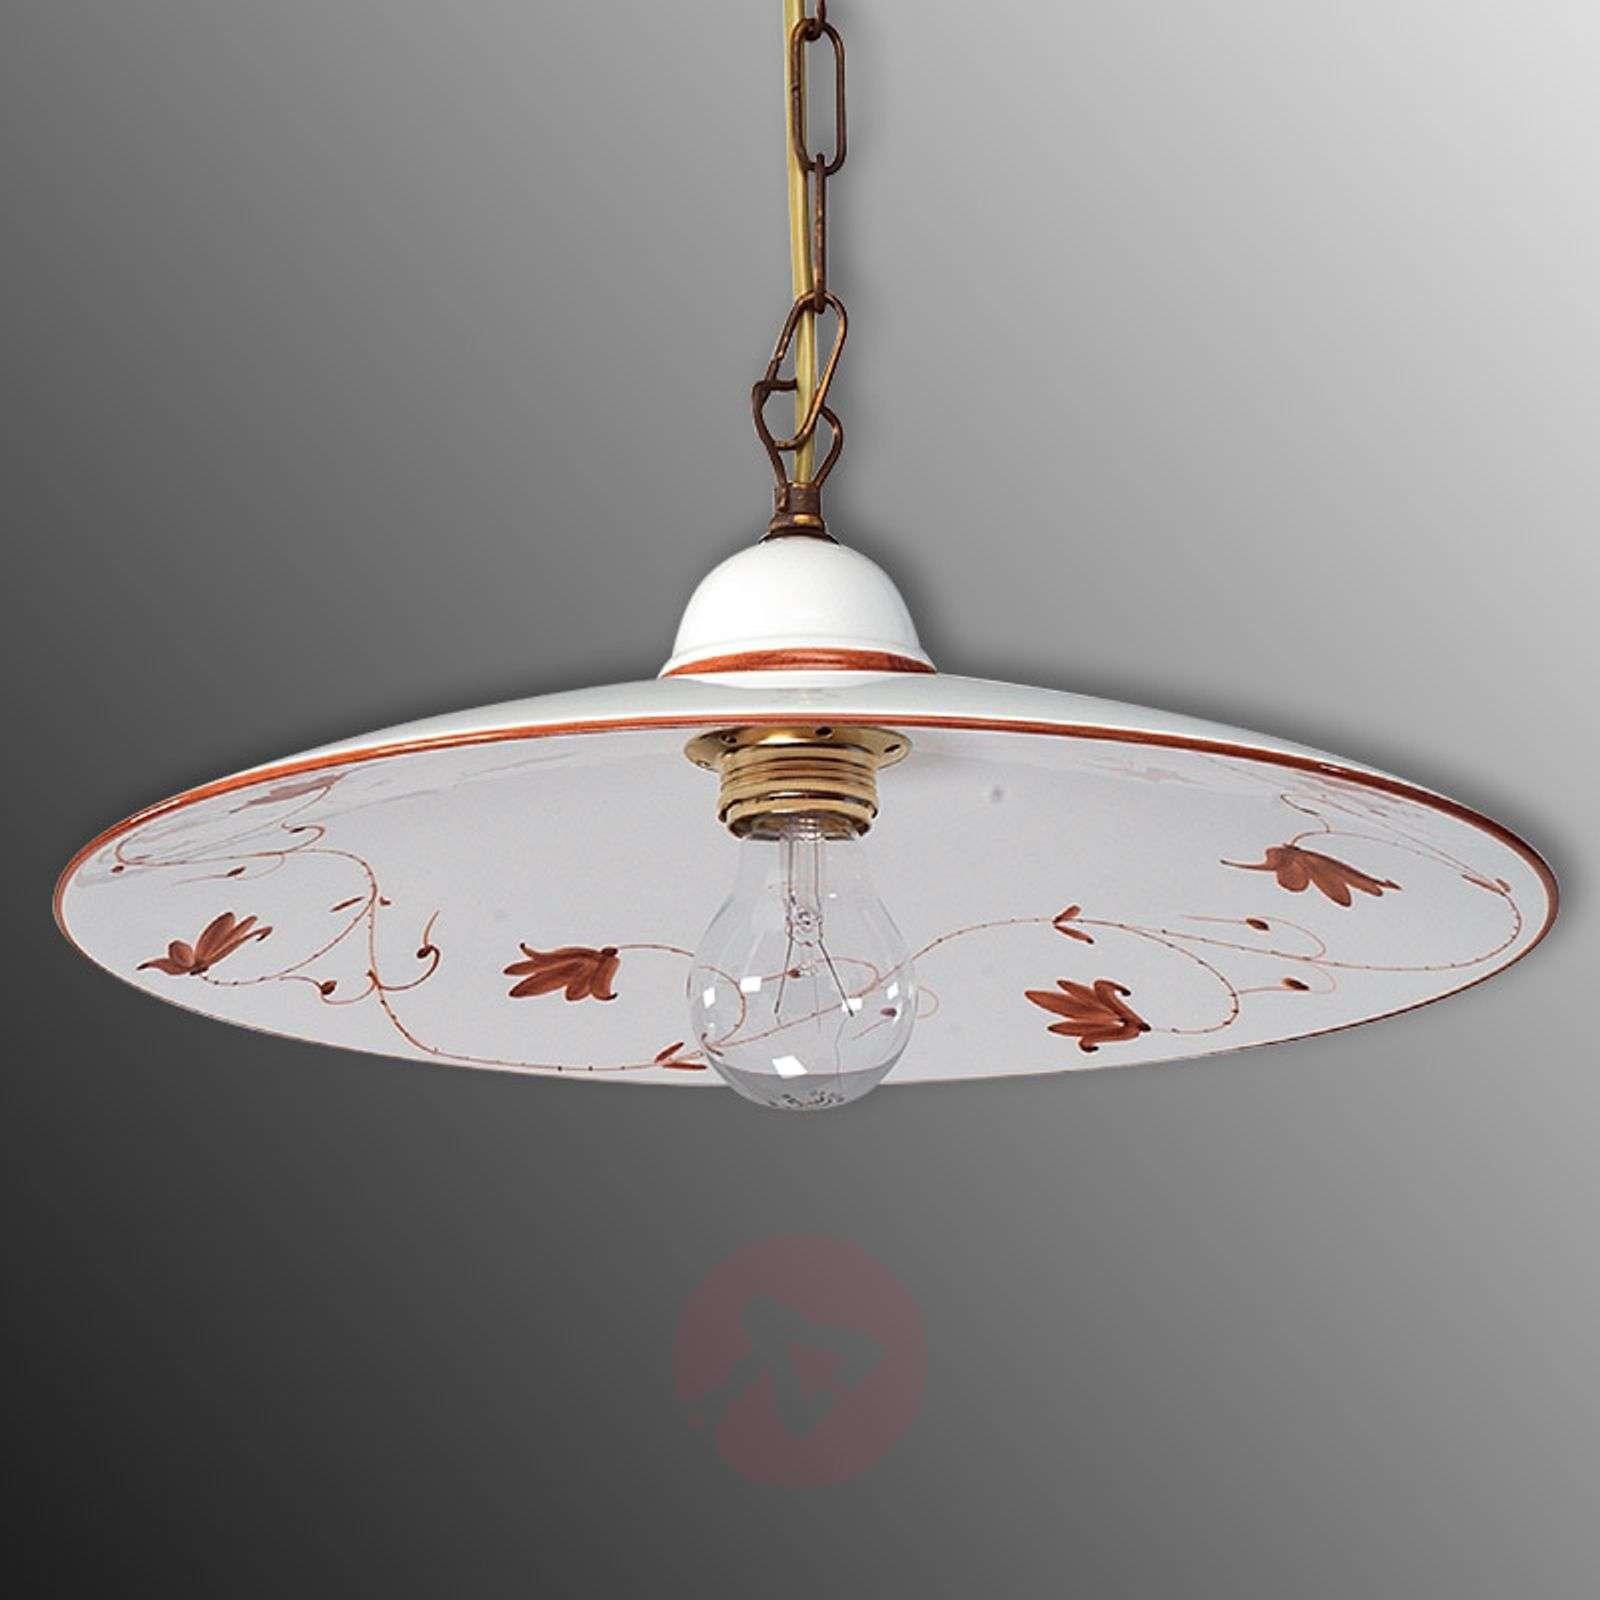 mediterranean lighting. Mediterranean-style Hanging Light Toscana-3046058-01 Mediterranean Lighting